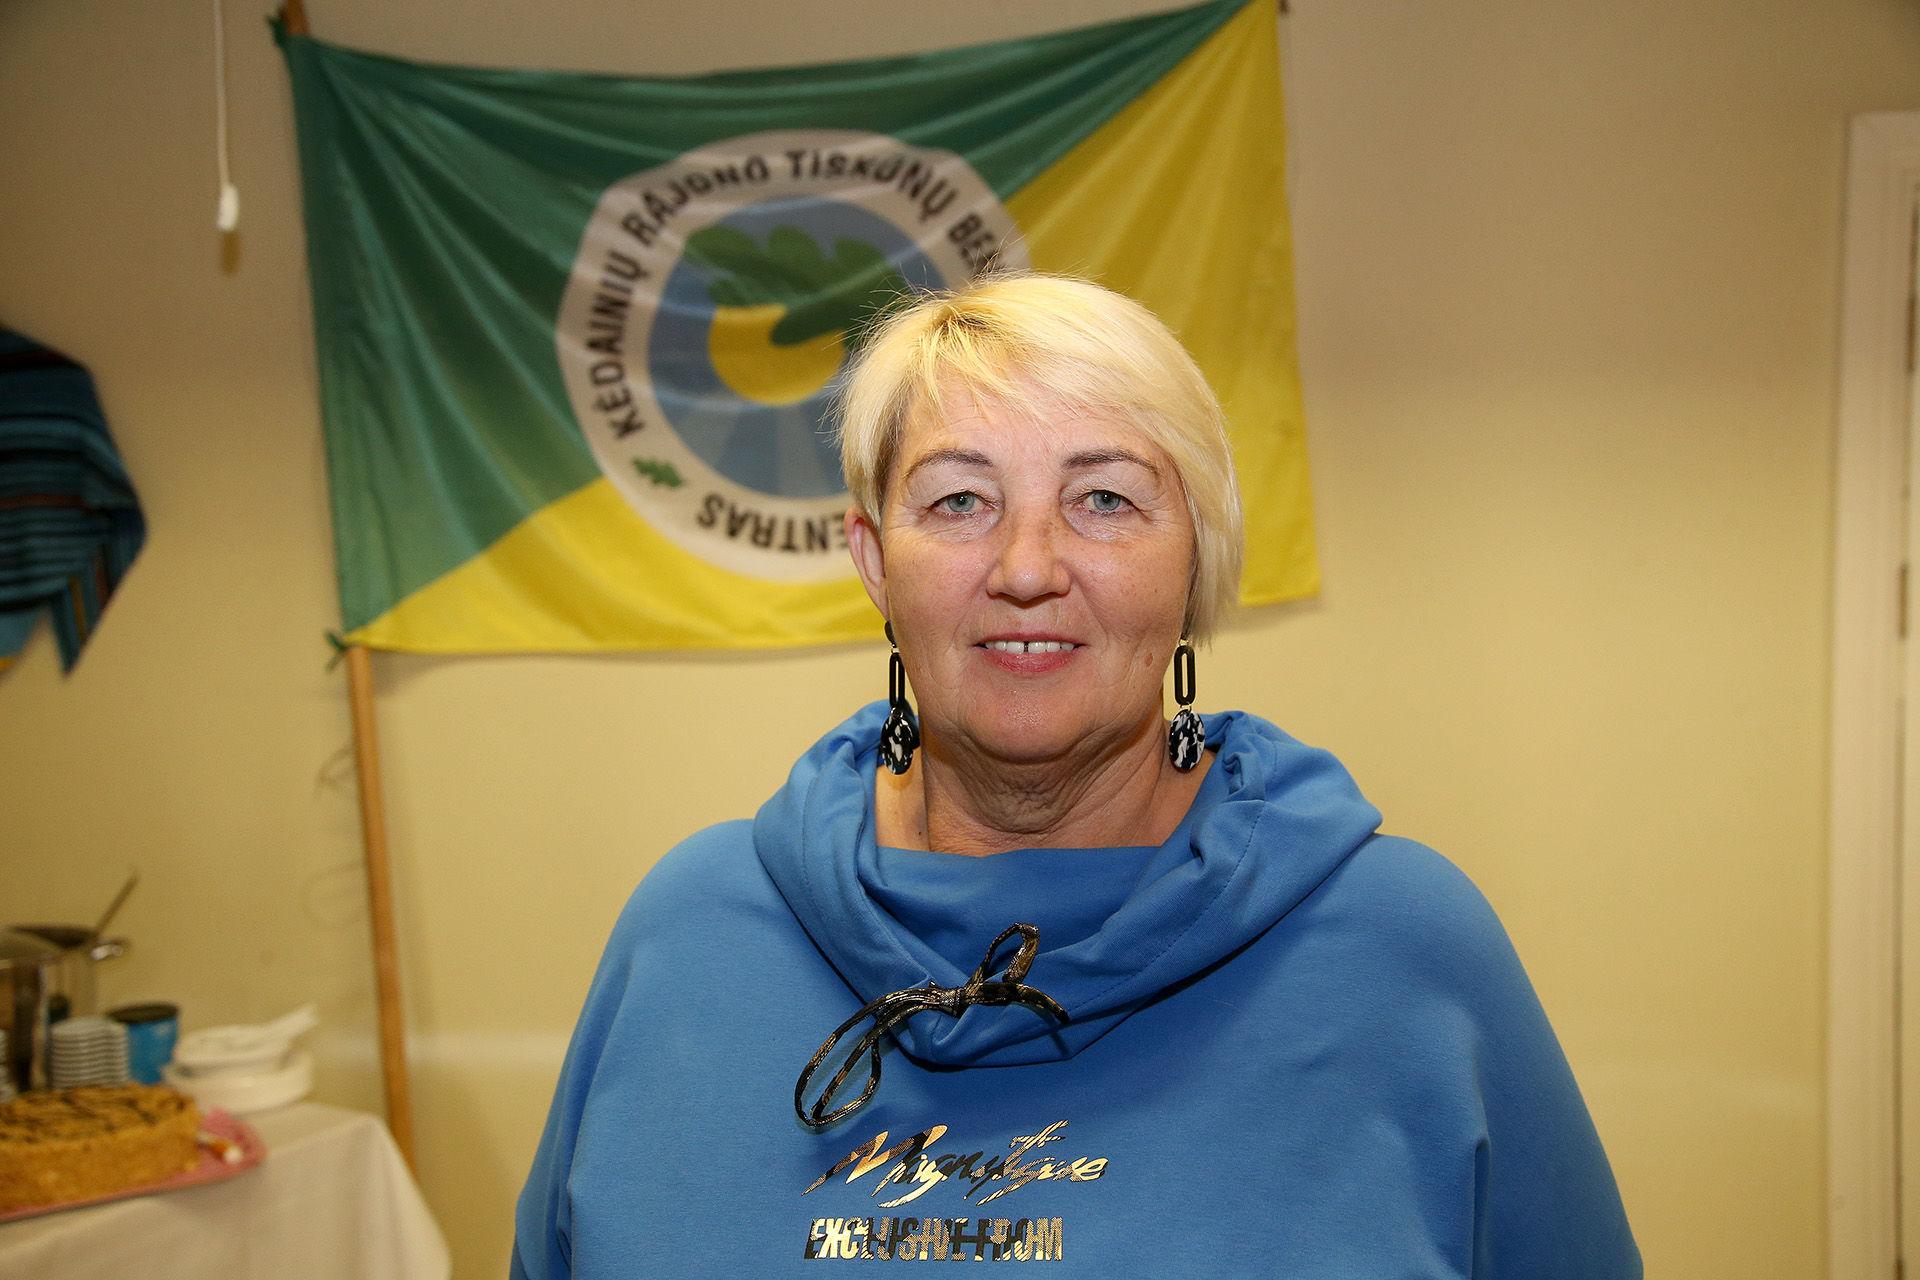 Nuo 2008 metų Tiskūnų bendruomenės pirmininkės pareigas einanti Vida Vansevičienė prasitarė, jog per jos vadovavimo bendruomenei laiką spėta įgyvendinti net 27 projektus, kurie, anot pirmininkės, tampa puikiu įrodymų, jog Tiskūnuose padaryta iš tiesų daug. / A. Barzdžiaus nuotr.